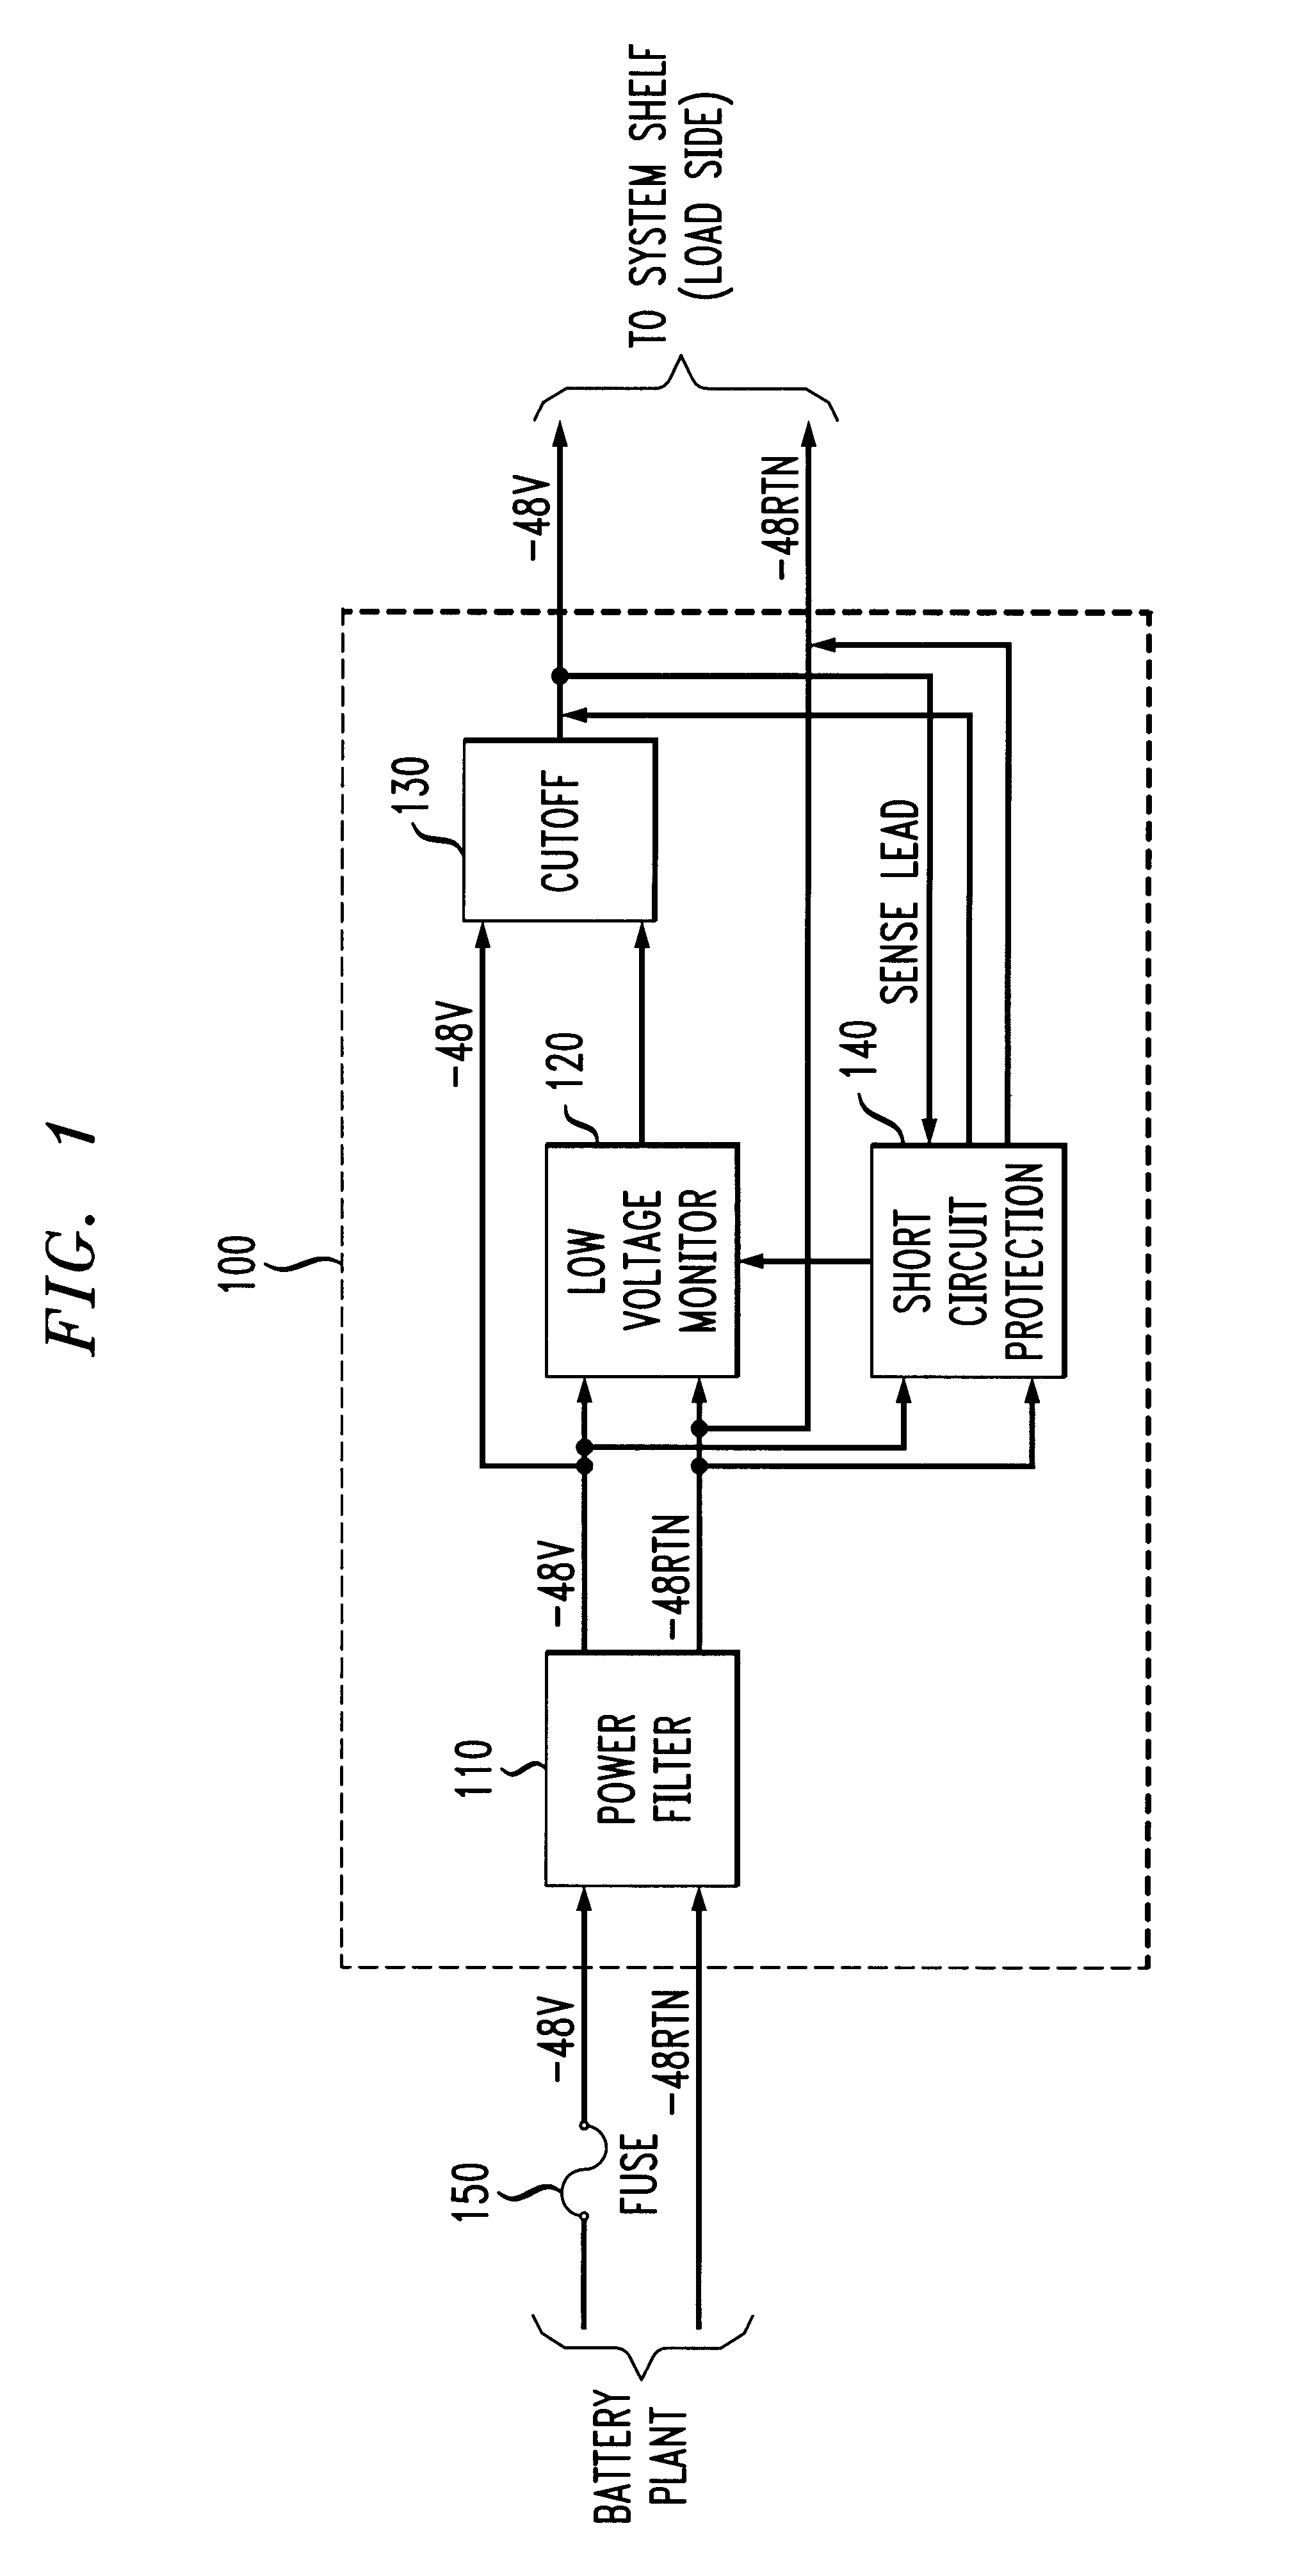 patent us6339526